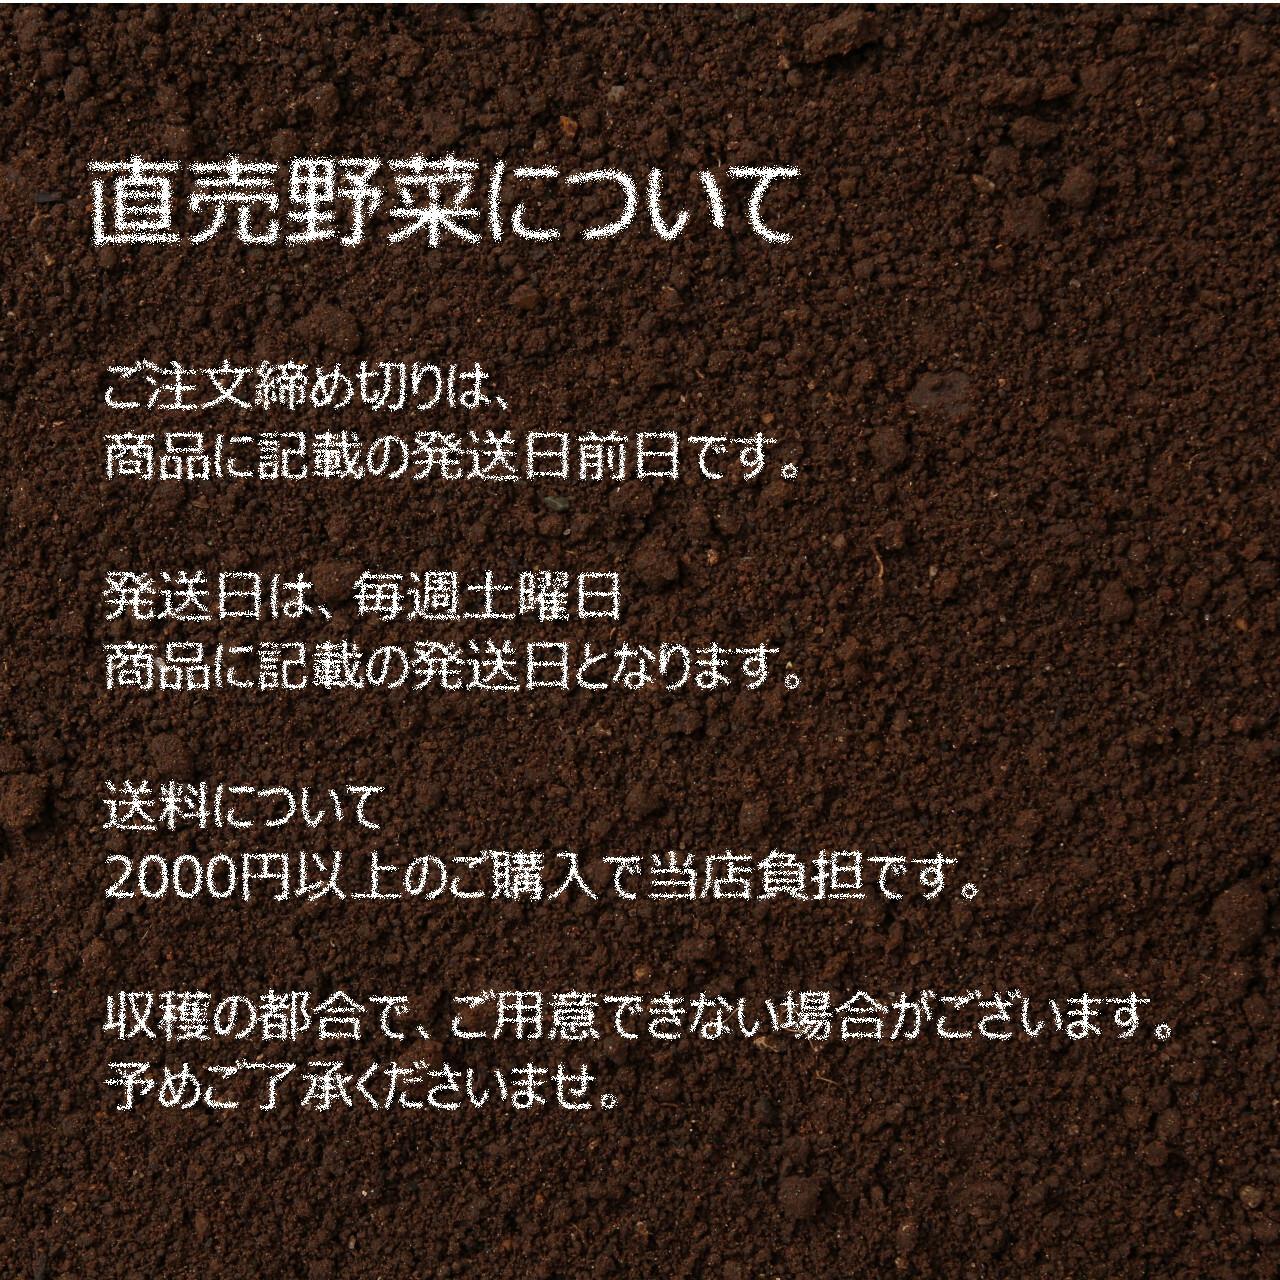 7月の新鮮野菜 : スナップエンドウ 約300g 朝採り直売野菜  7月6日発送予定